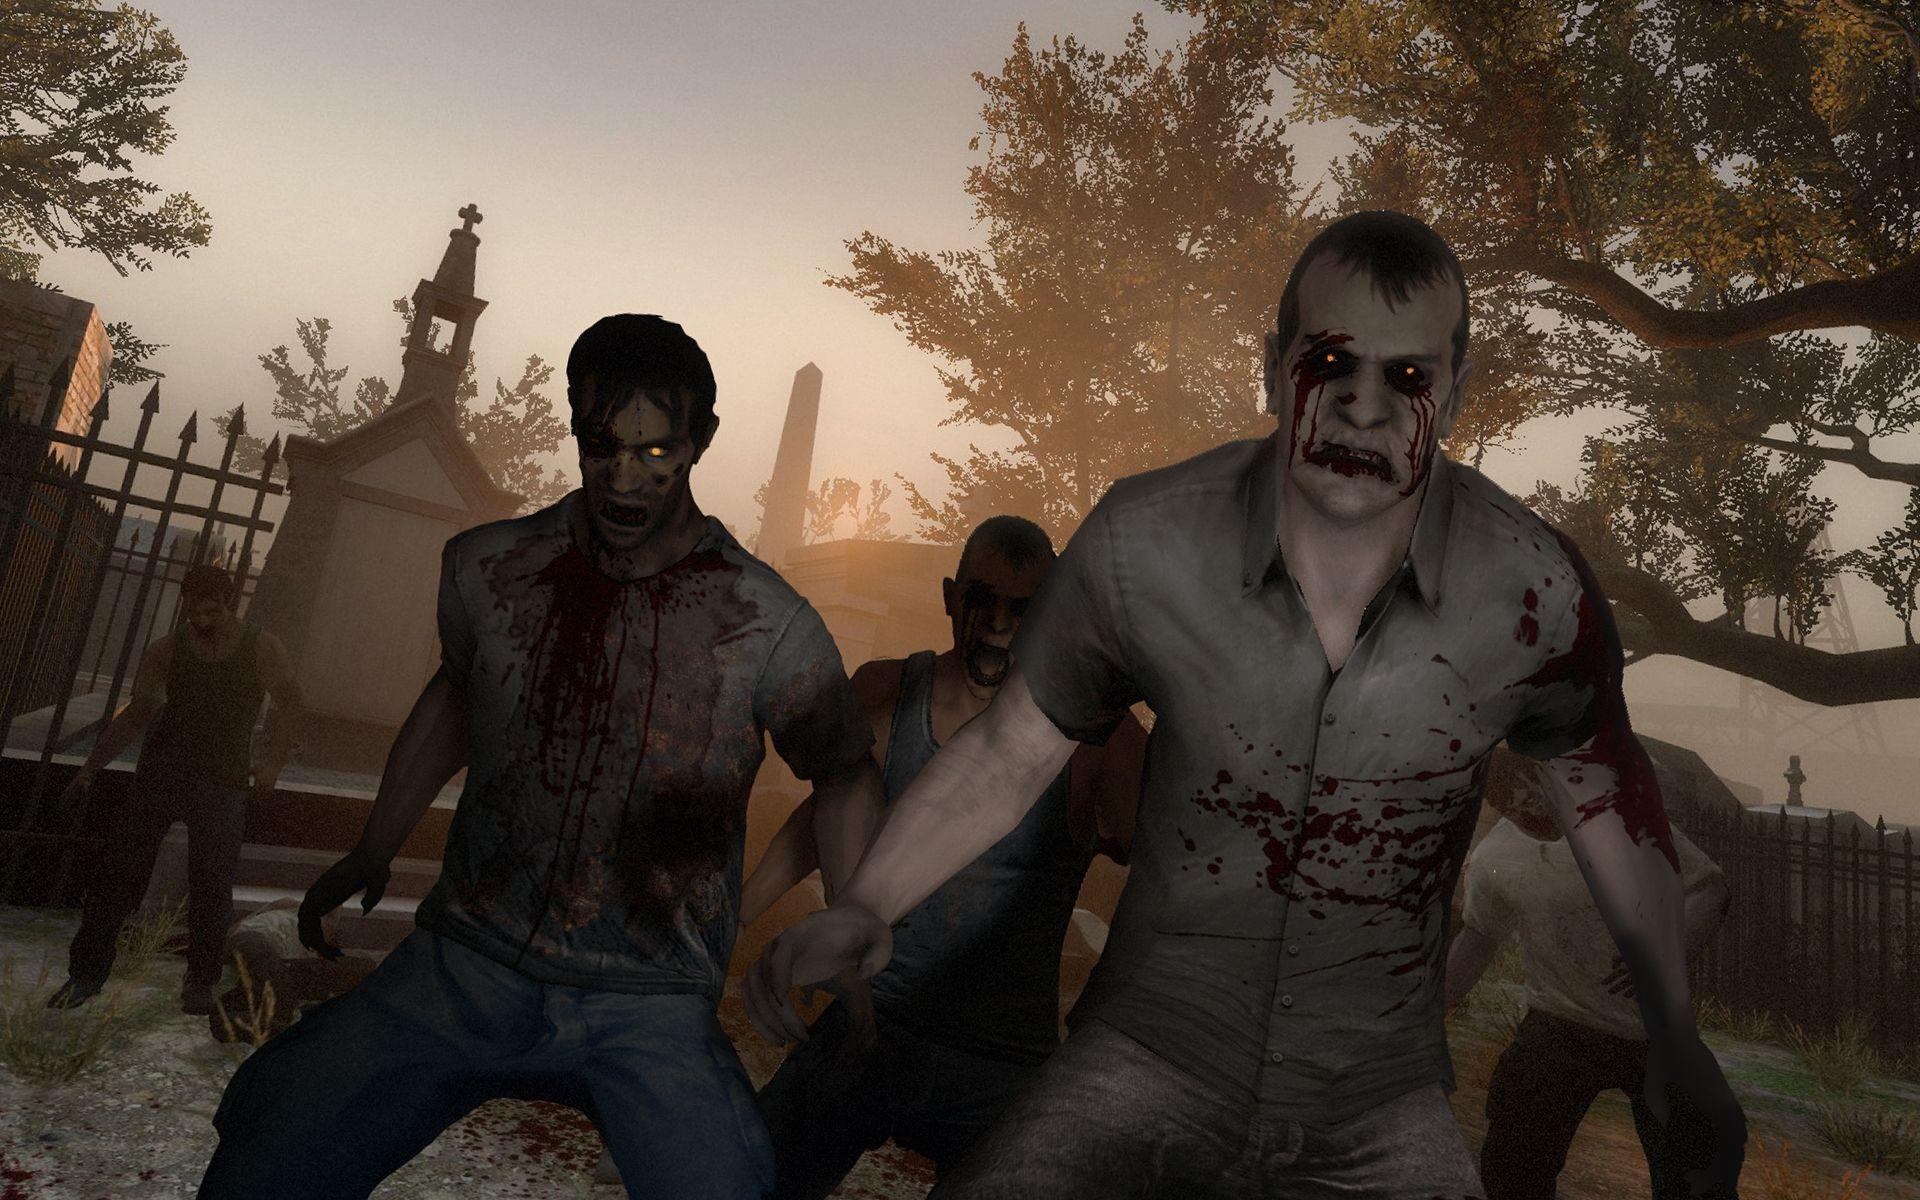 E3-2009-left-4-dead-2-20090529060933037 640w.jpg